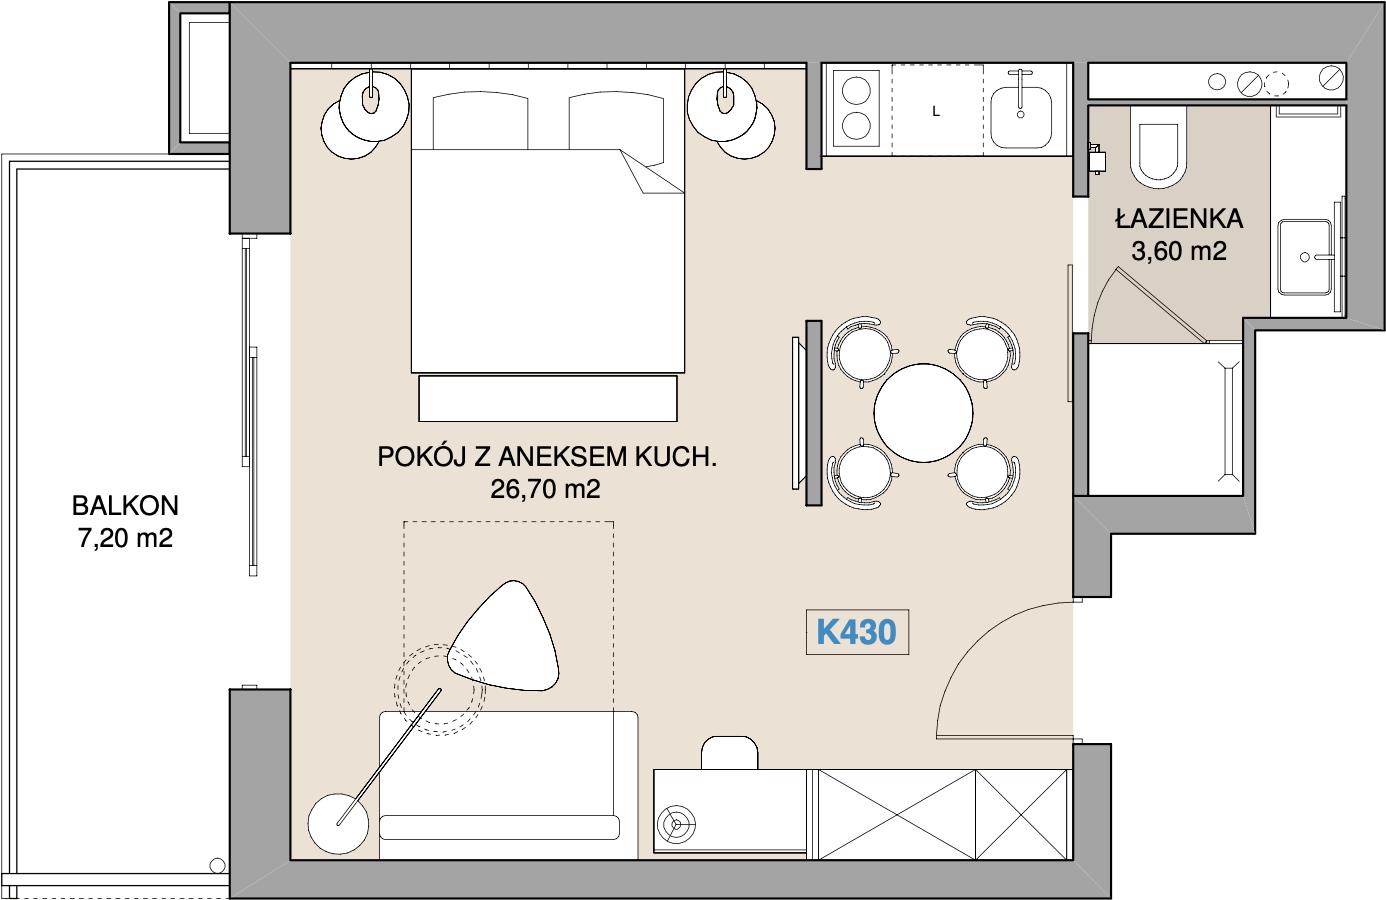 Apartament K430